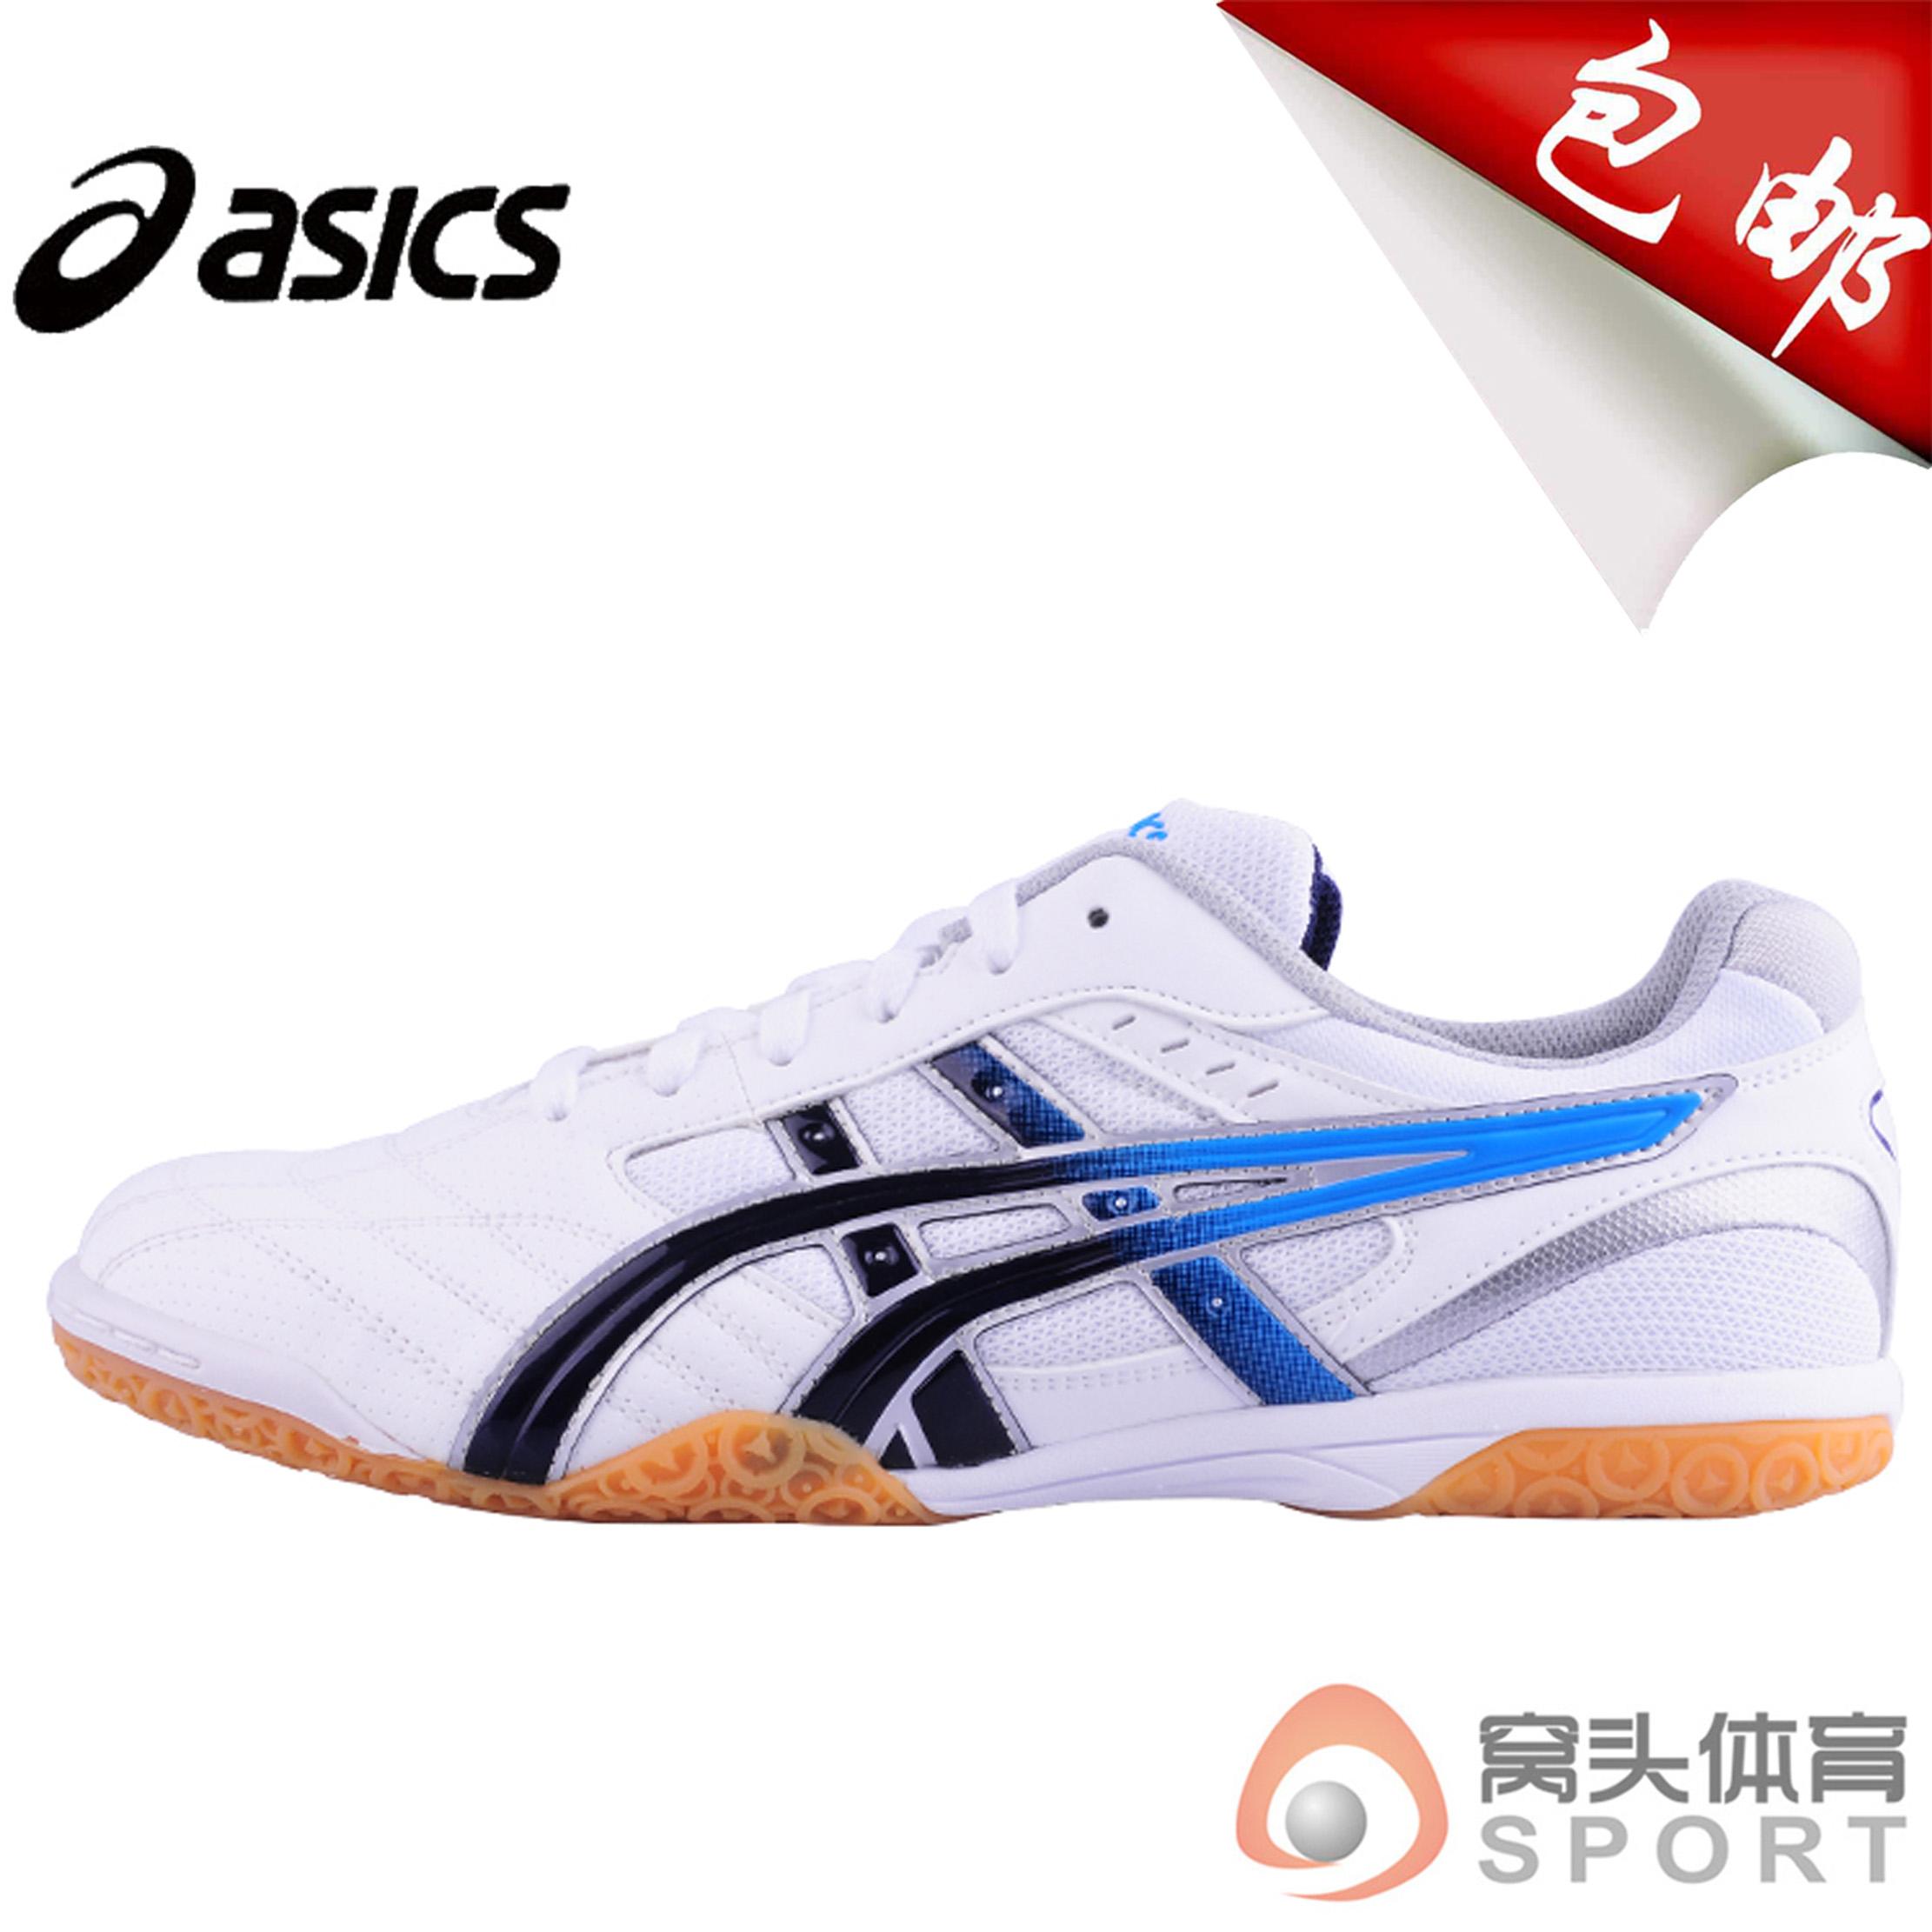 Обувь для настольного тенниса Asics TPA324 обувь для легкой атлетики asics hypersprint